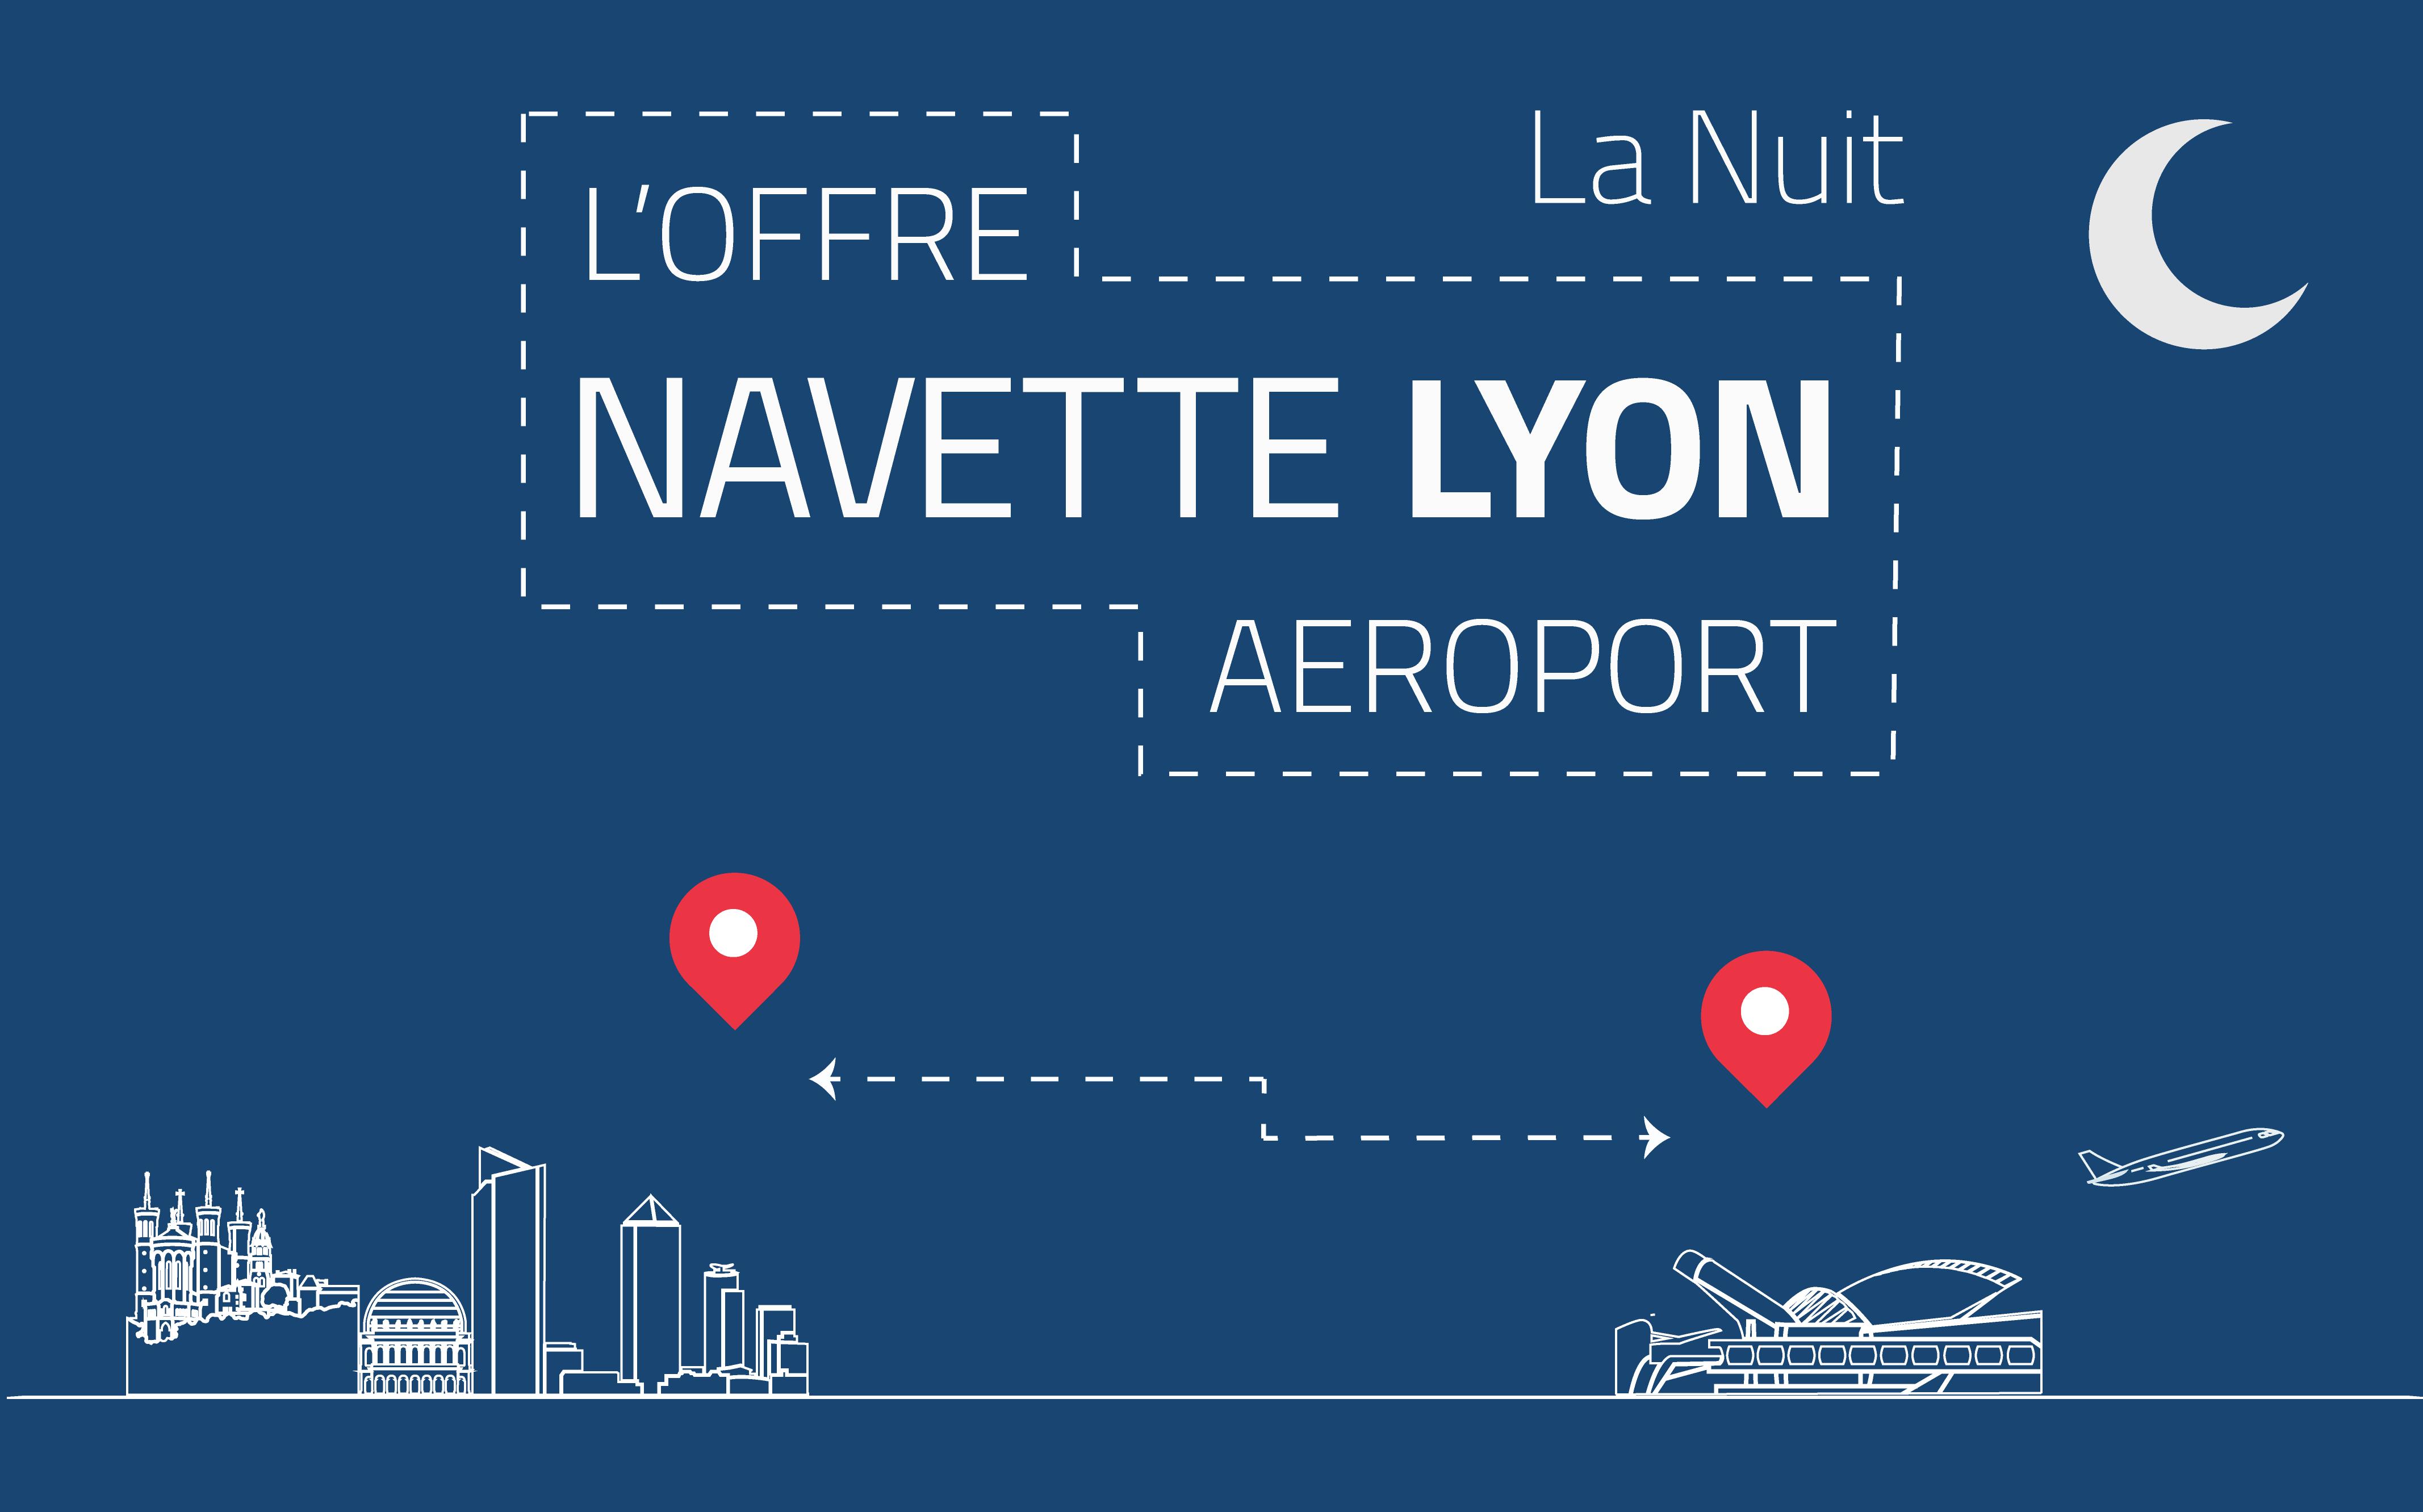 Tarifs nuit Navette Lyon